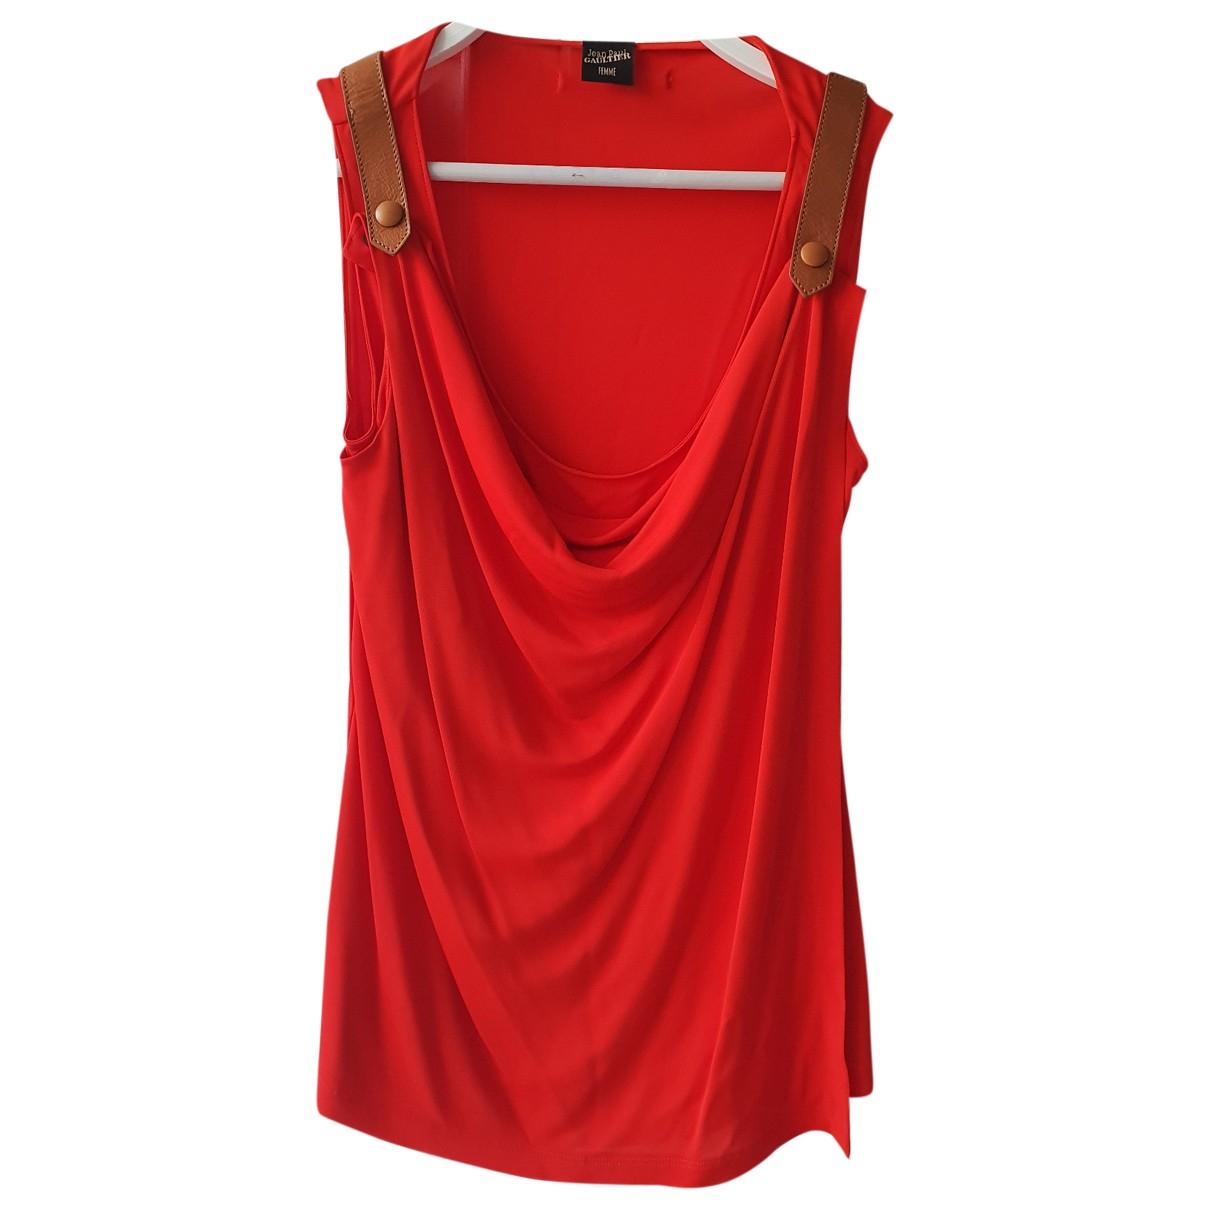 Jean Paul Gaultier \N Red  top for Women 40 IT